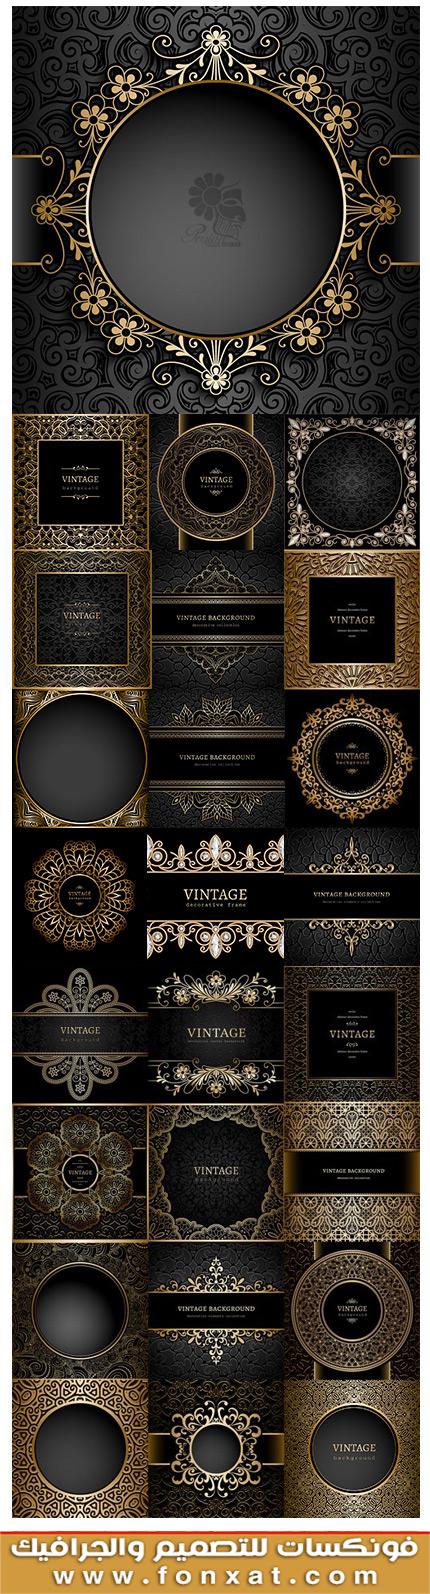 Download Images Vector old golden frames